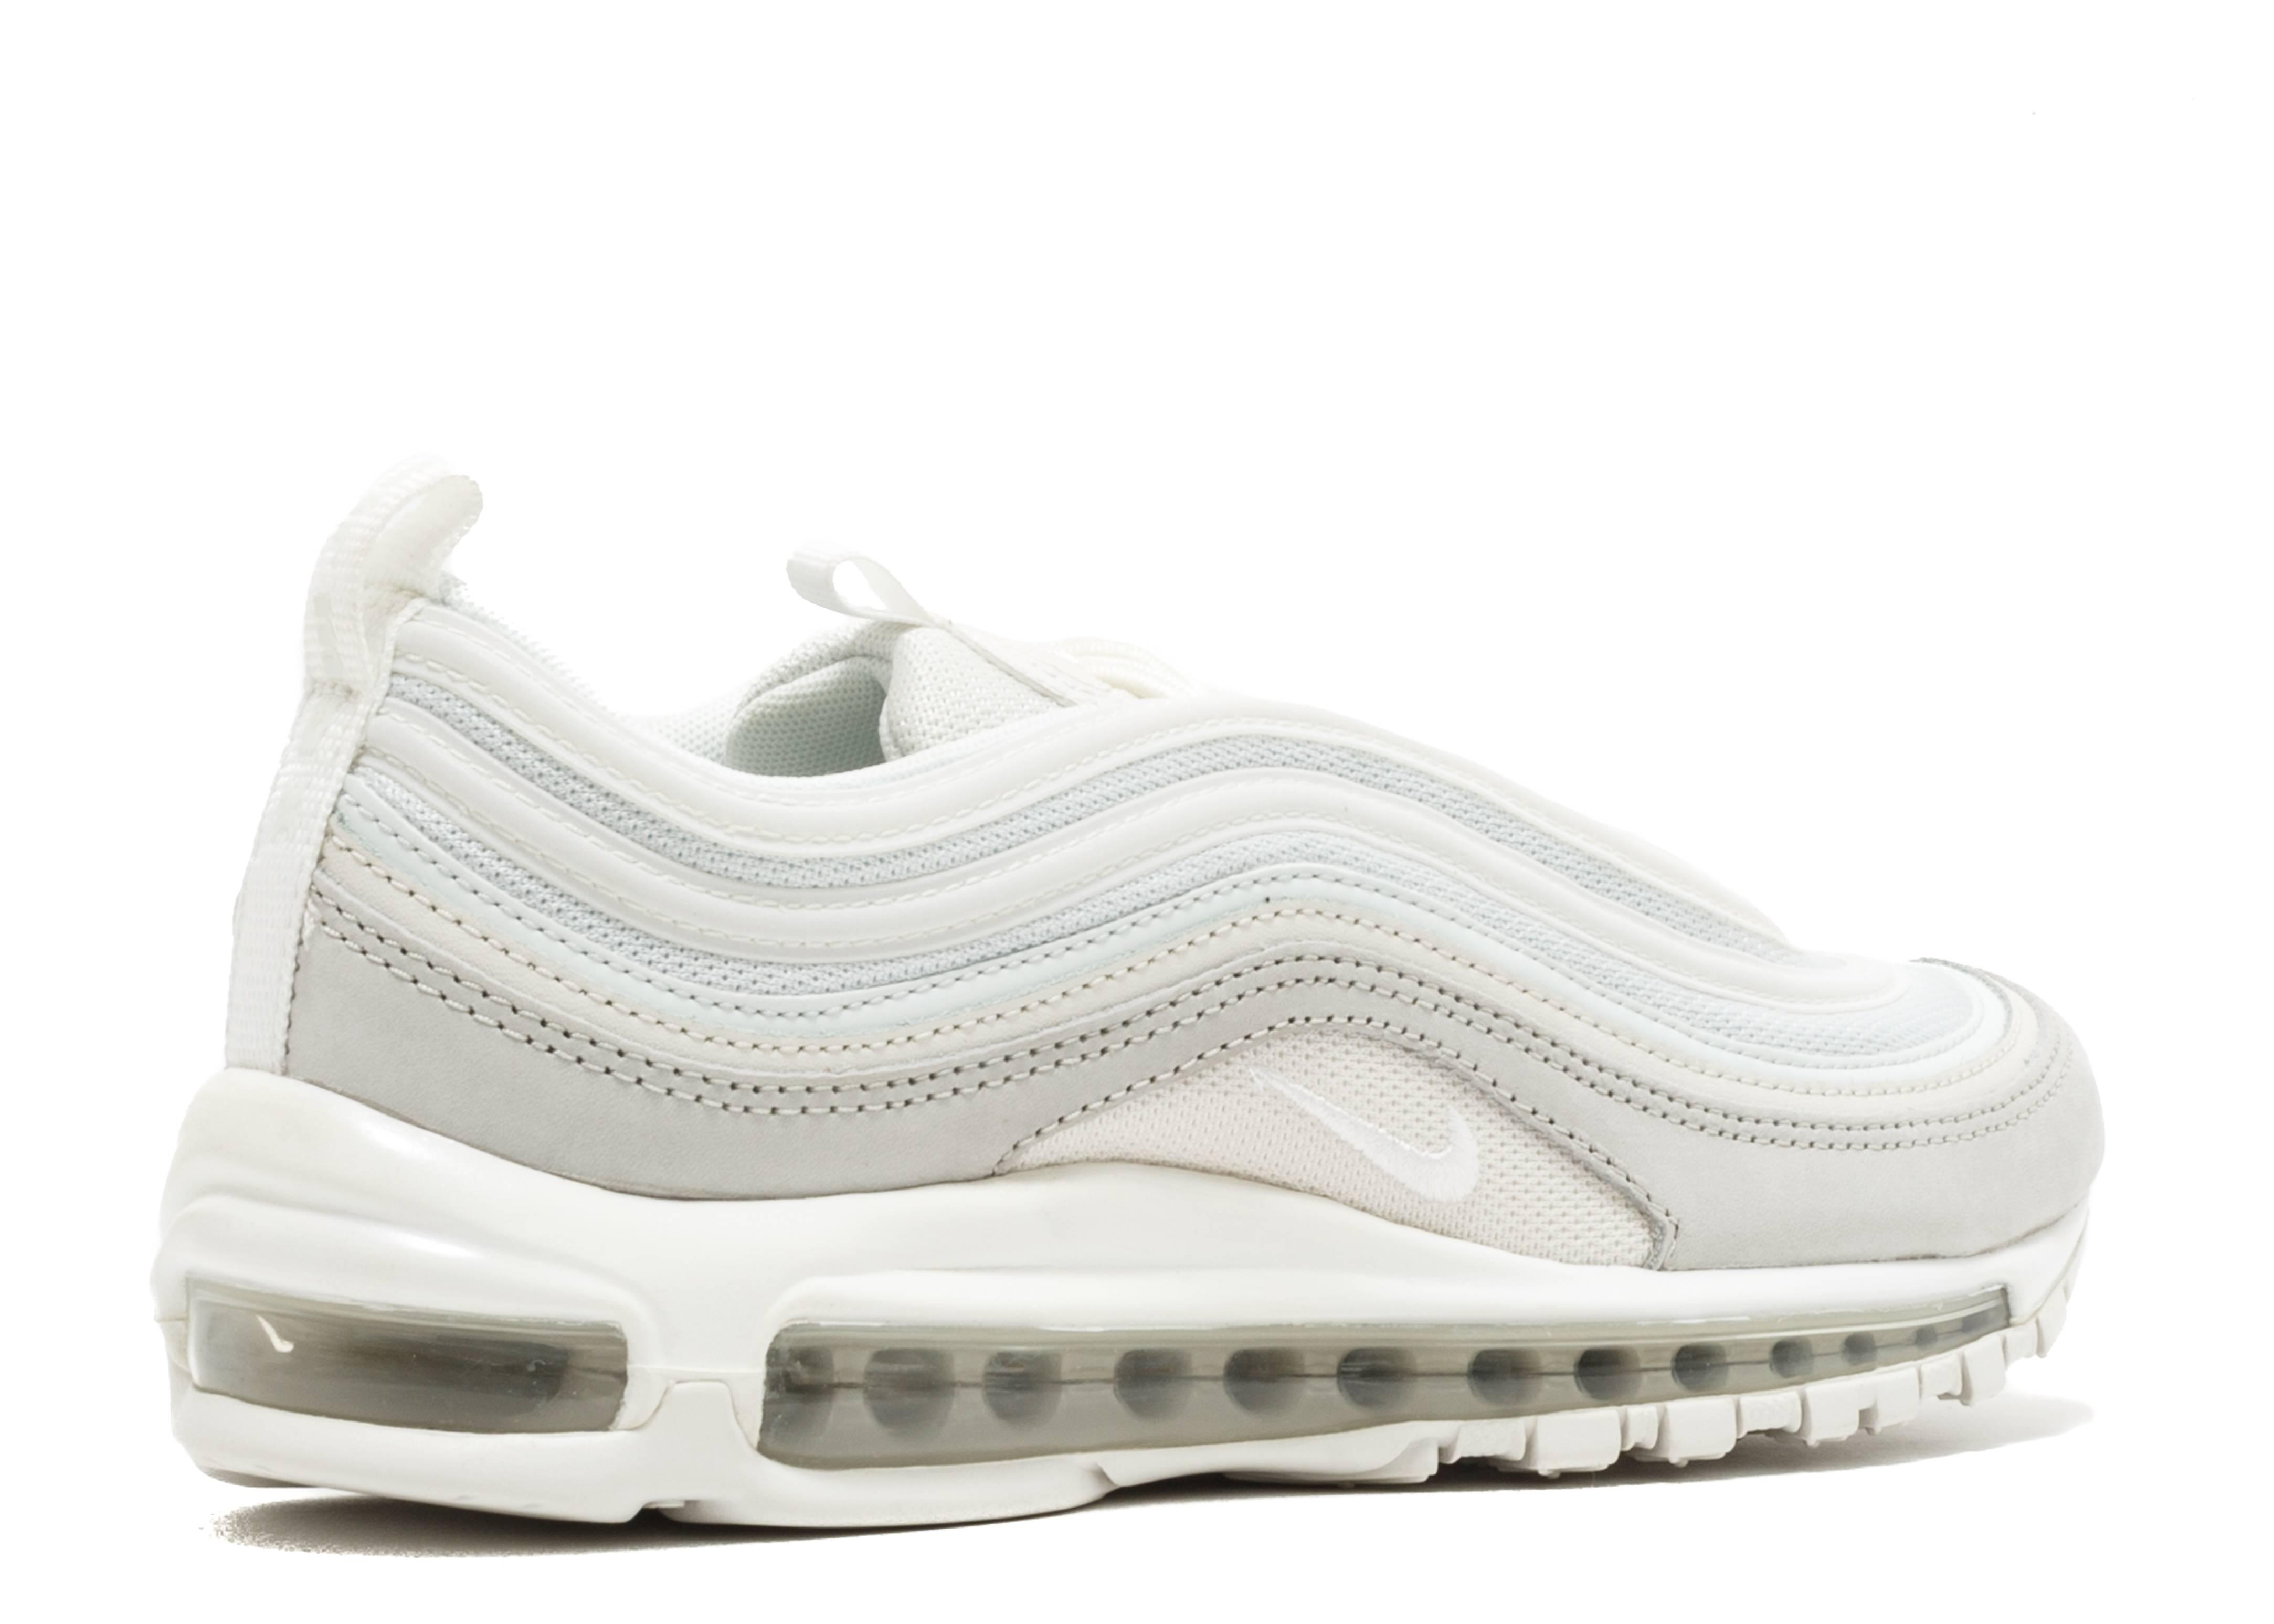 8d90669035 Nike Air Max 97 Premium